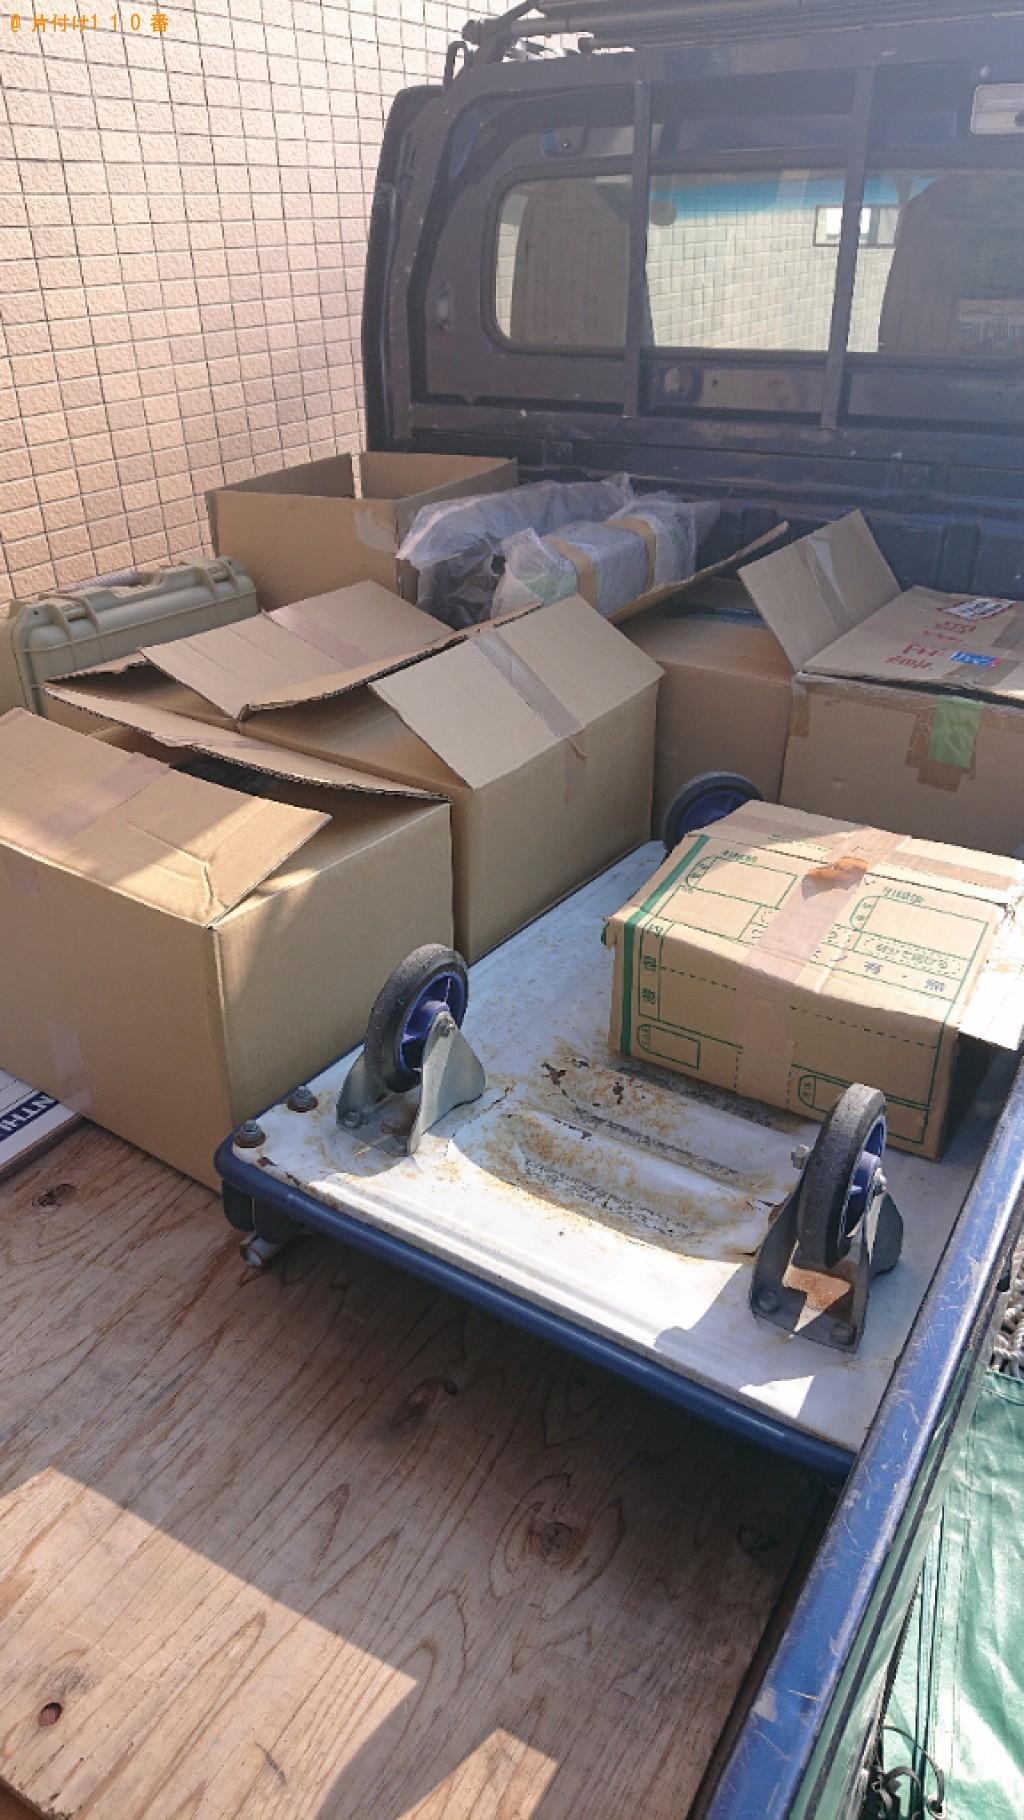 【柏原市】軽トラック1杯以内の出張不用品回収・処分ご依頼